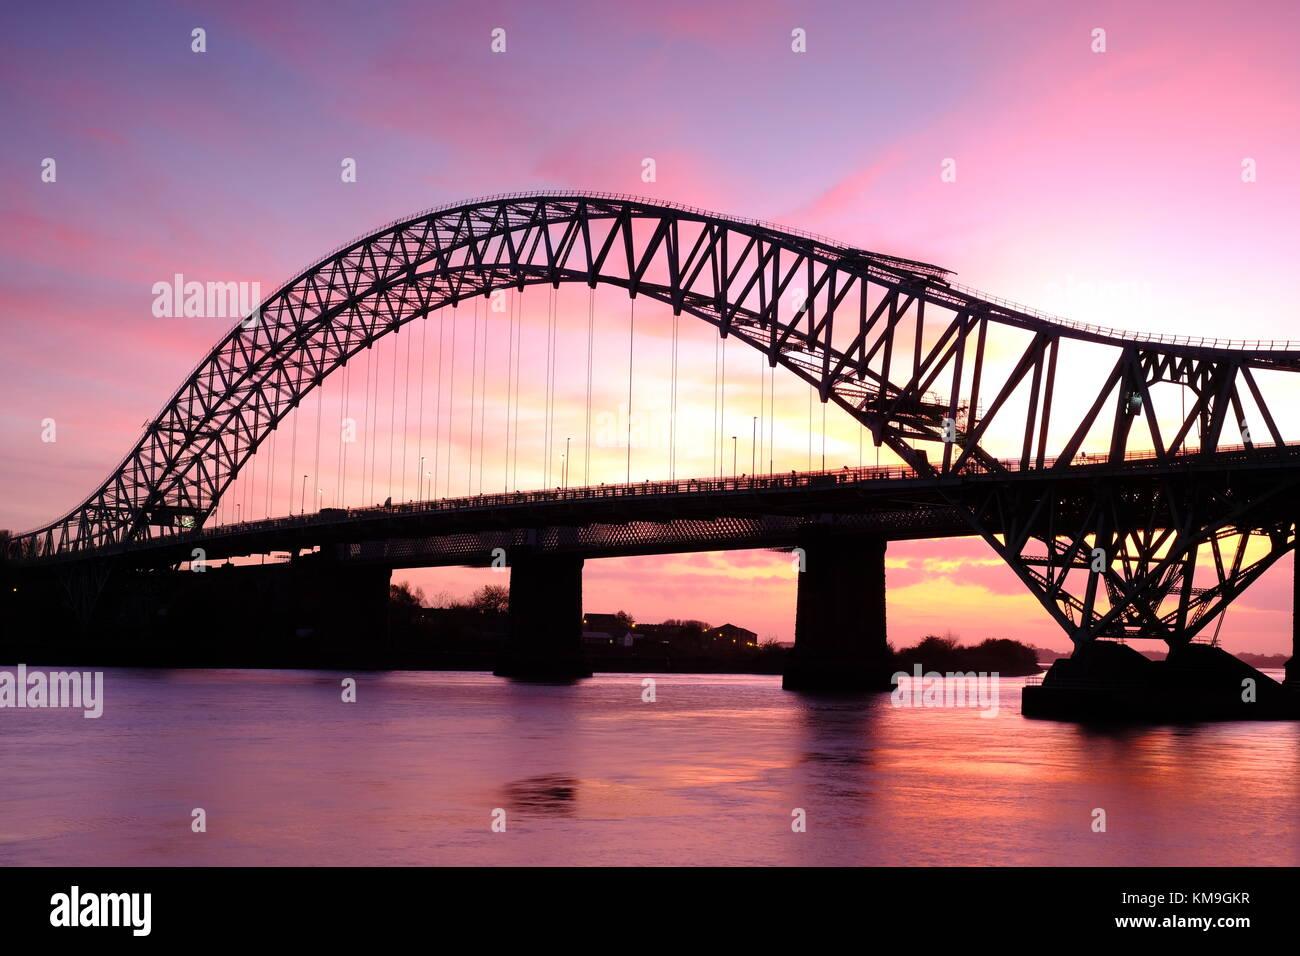 Runcorn Bridge, also known as Runcorn-Widnes Bridge or Silver Jubilee Bridge, over the River Mersey, UK - Stock Image